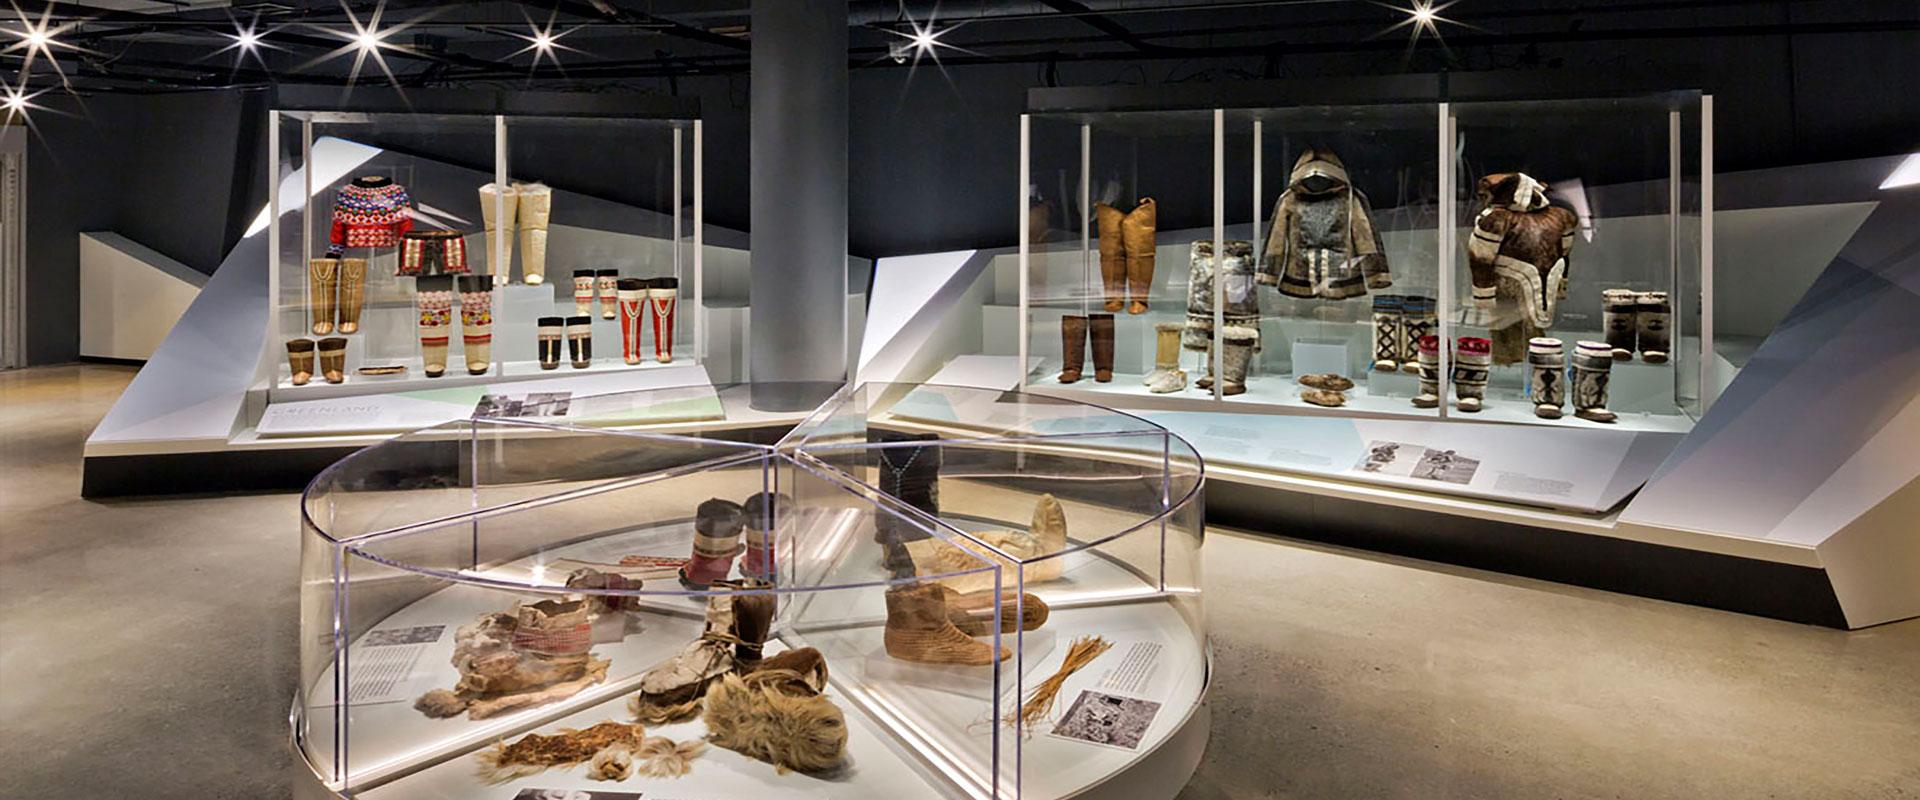 Art & Innovation exhibition